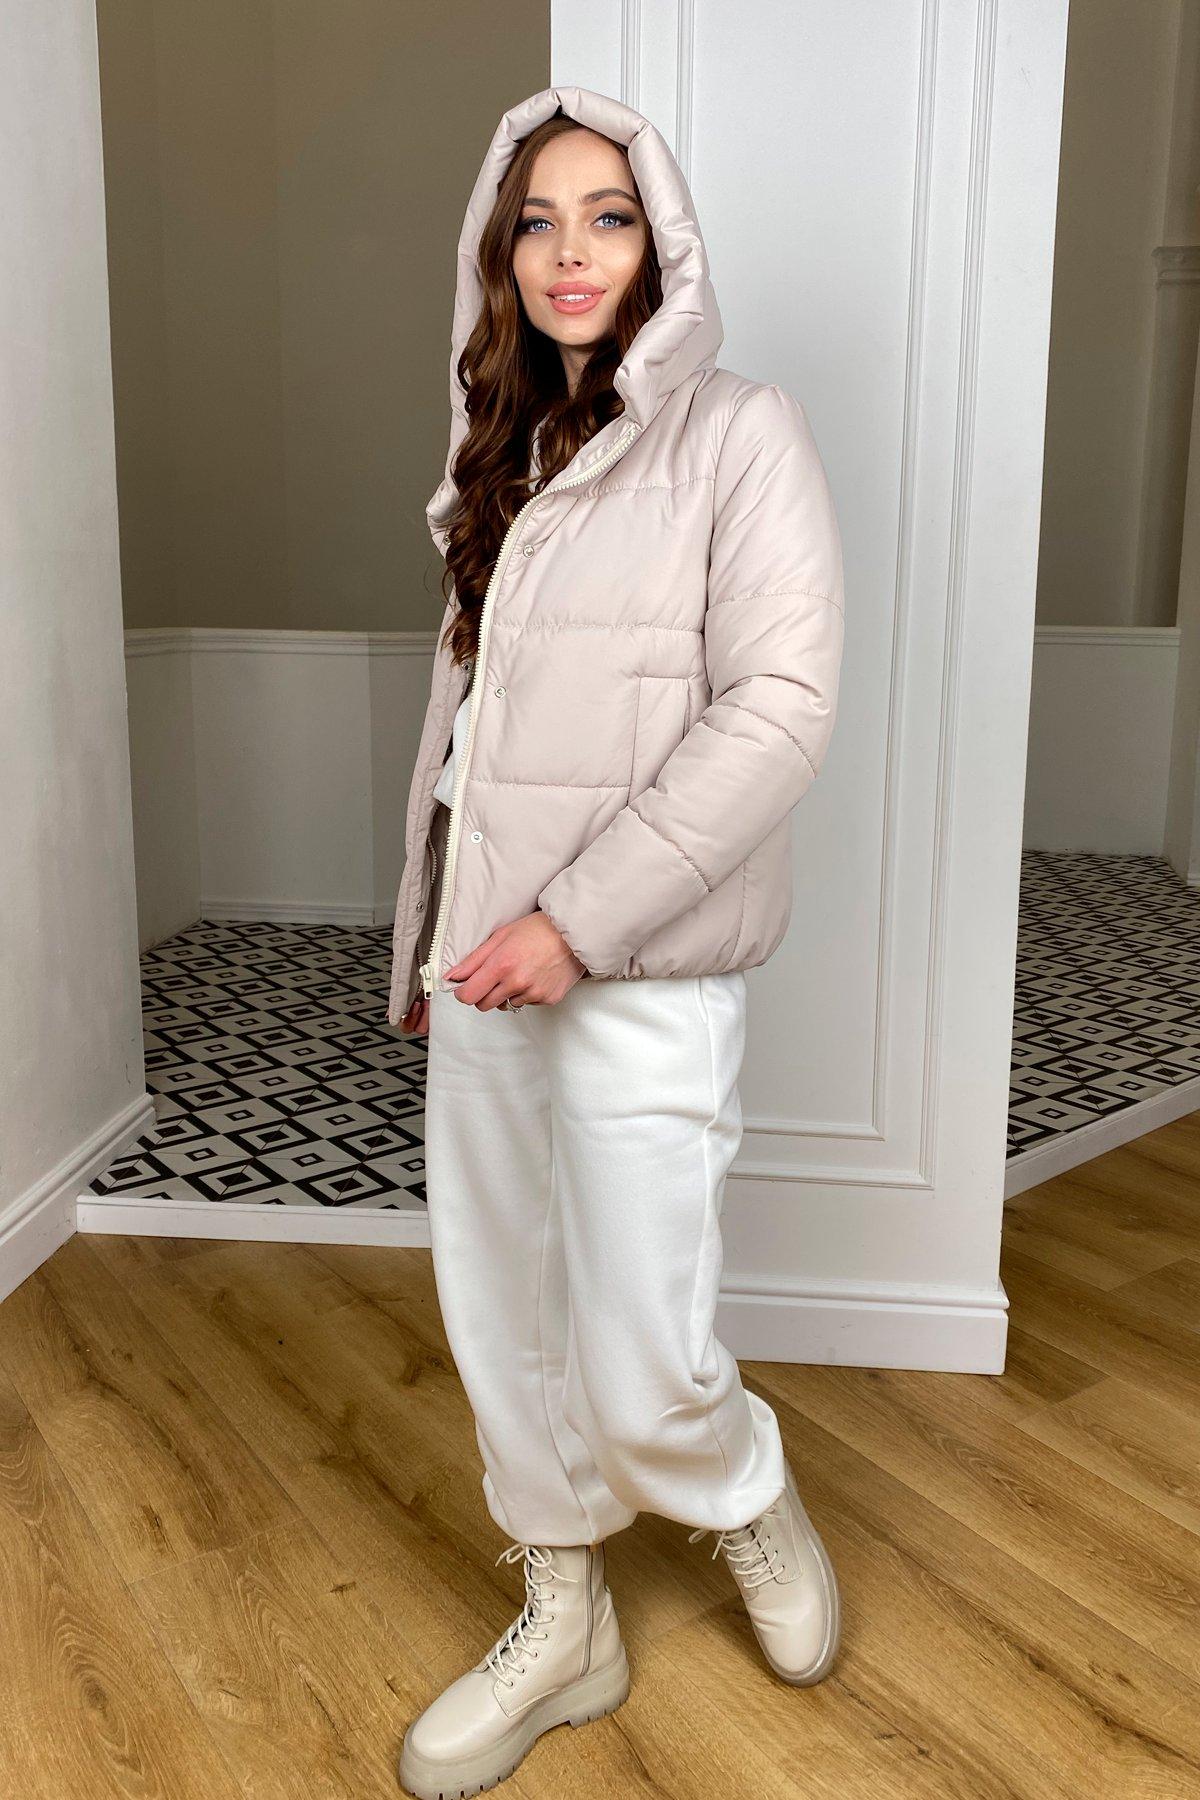 Рито  куртка из плащевой ткани Ammy  10443 АРТ. 46764 Цвет: Бежевый 511 - фото 1, интернет магазин tm-modus.ru